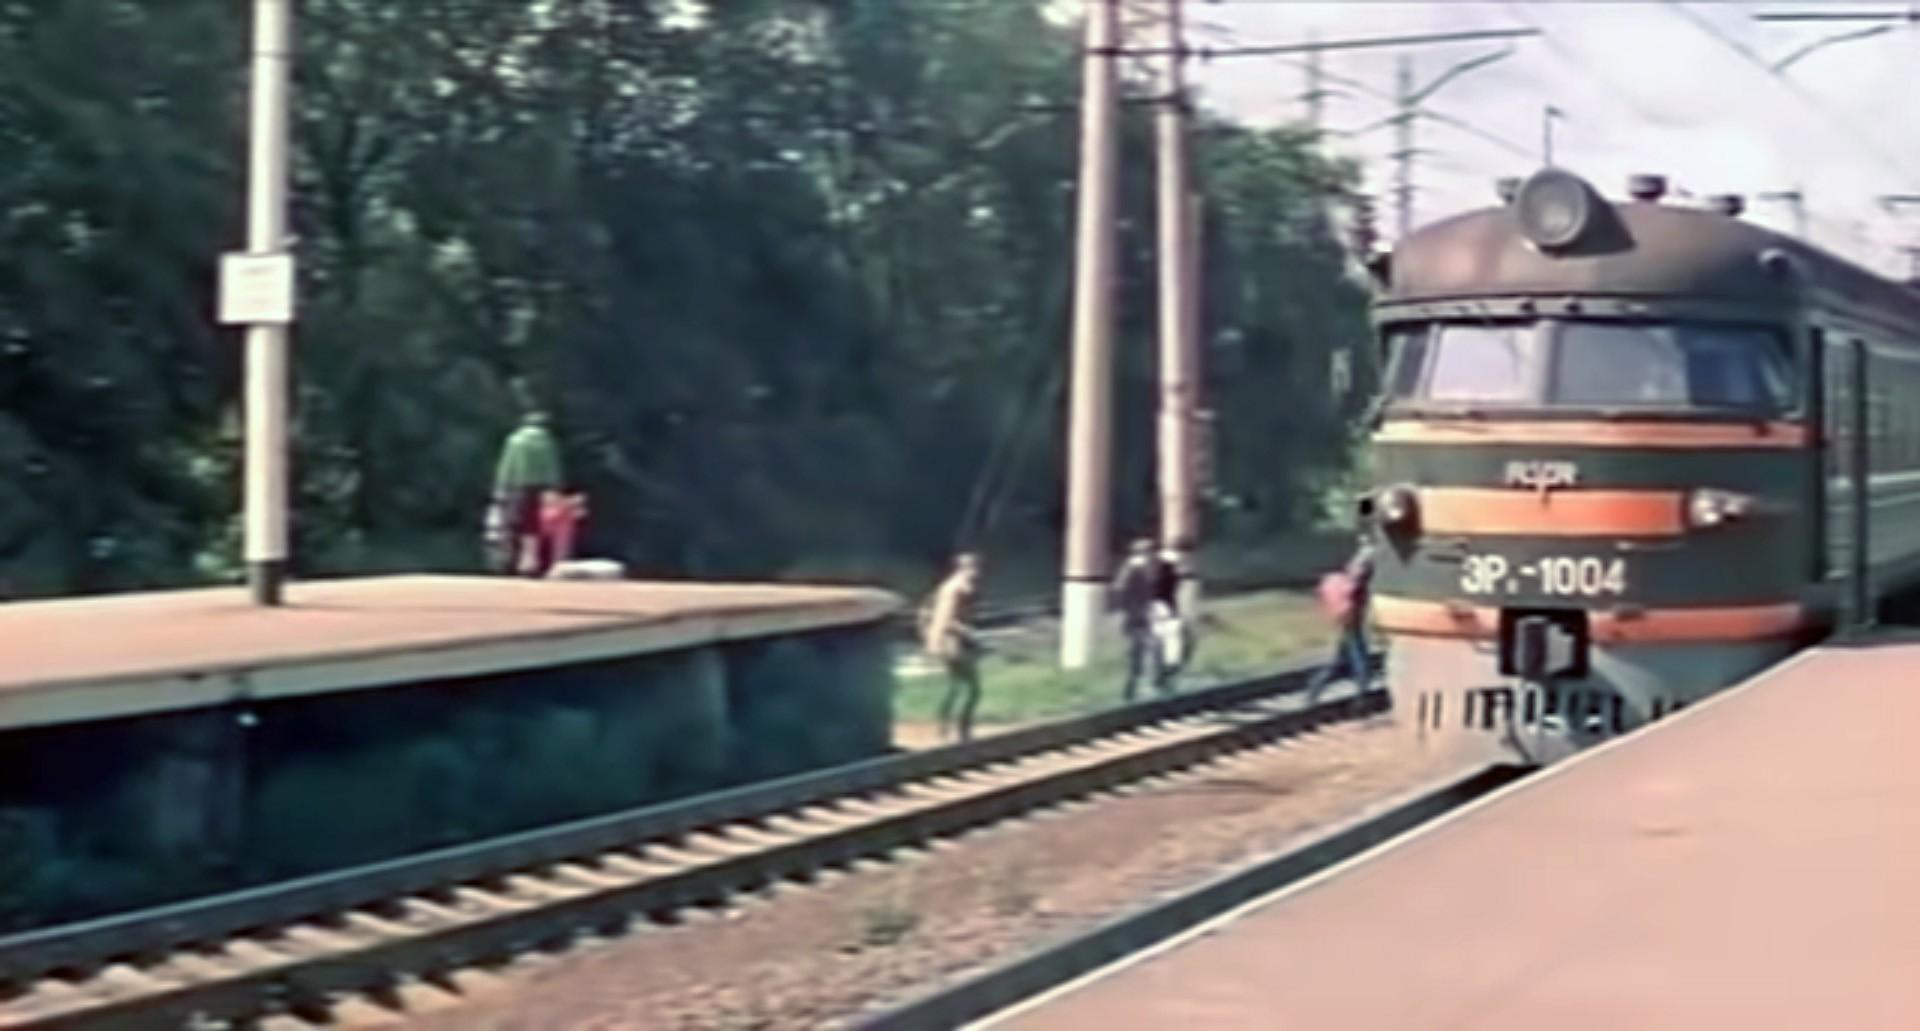 1985 Следующая остановка - Очаково